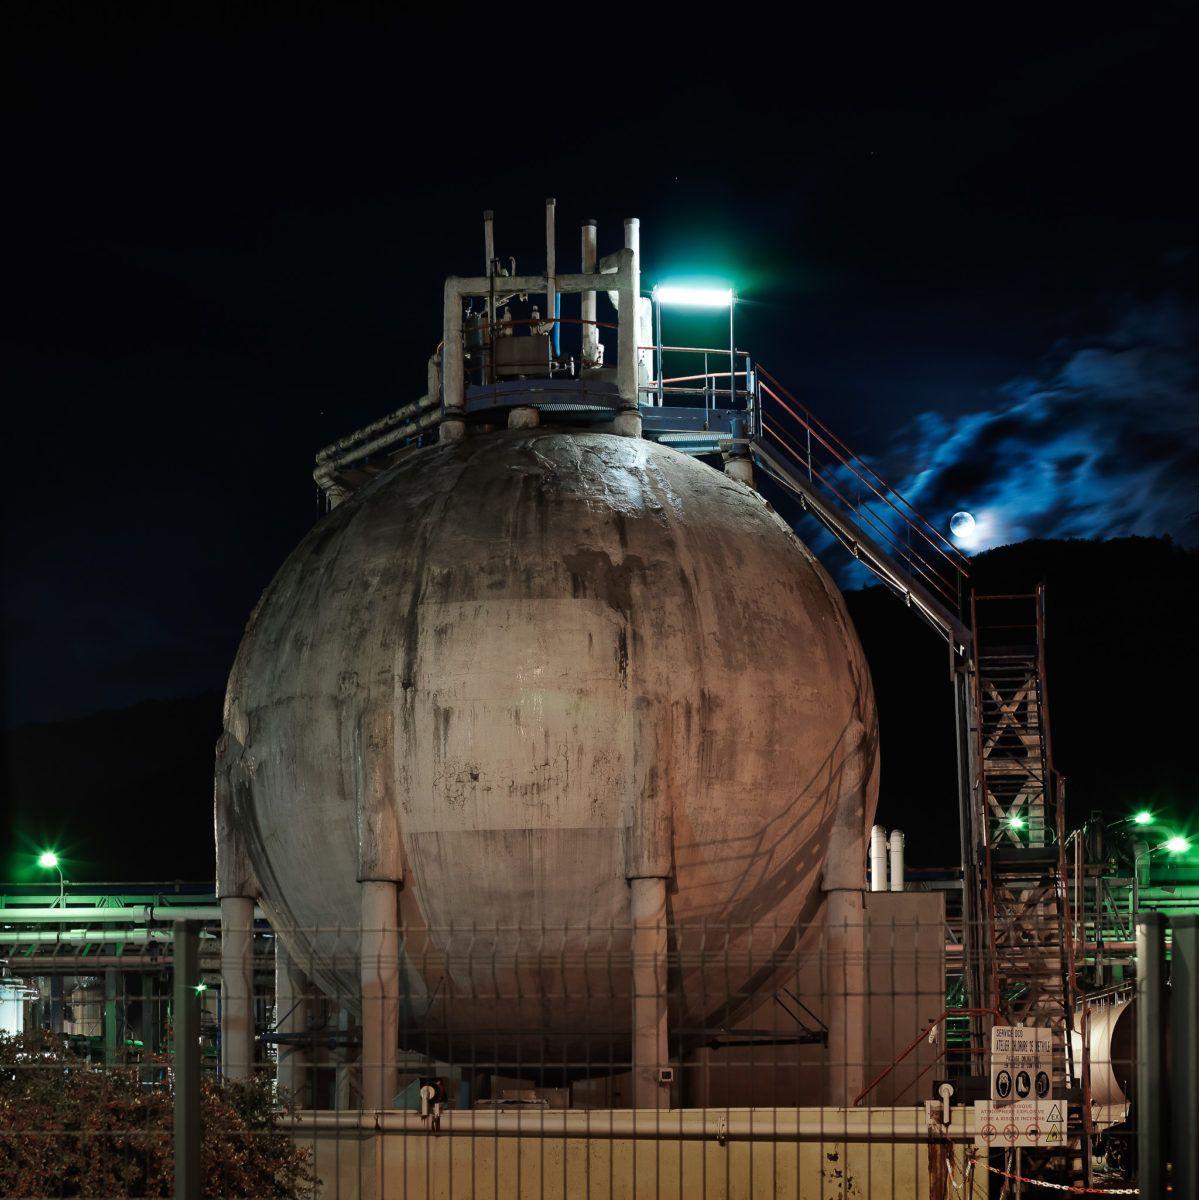 Usine chimique de nuit, réservoir rond